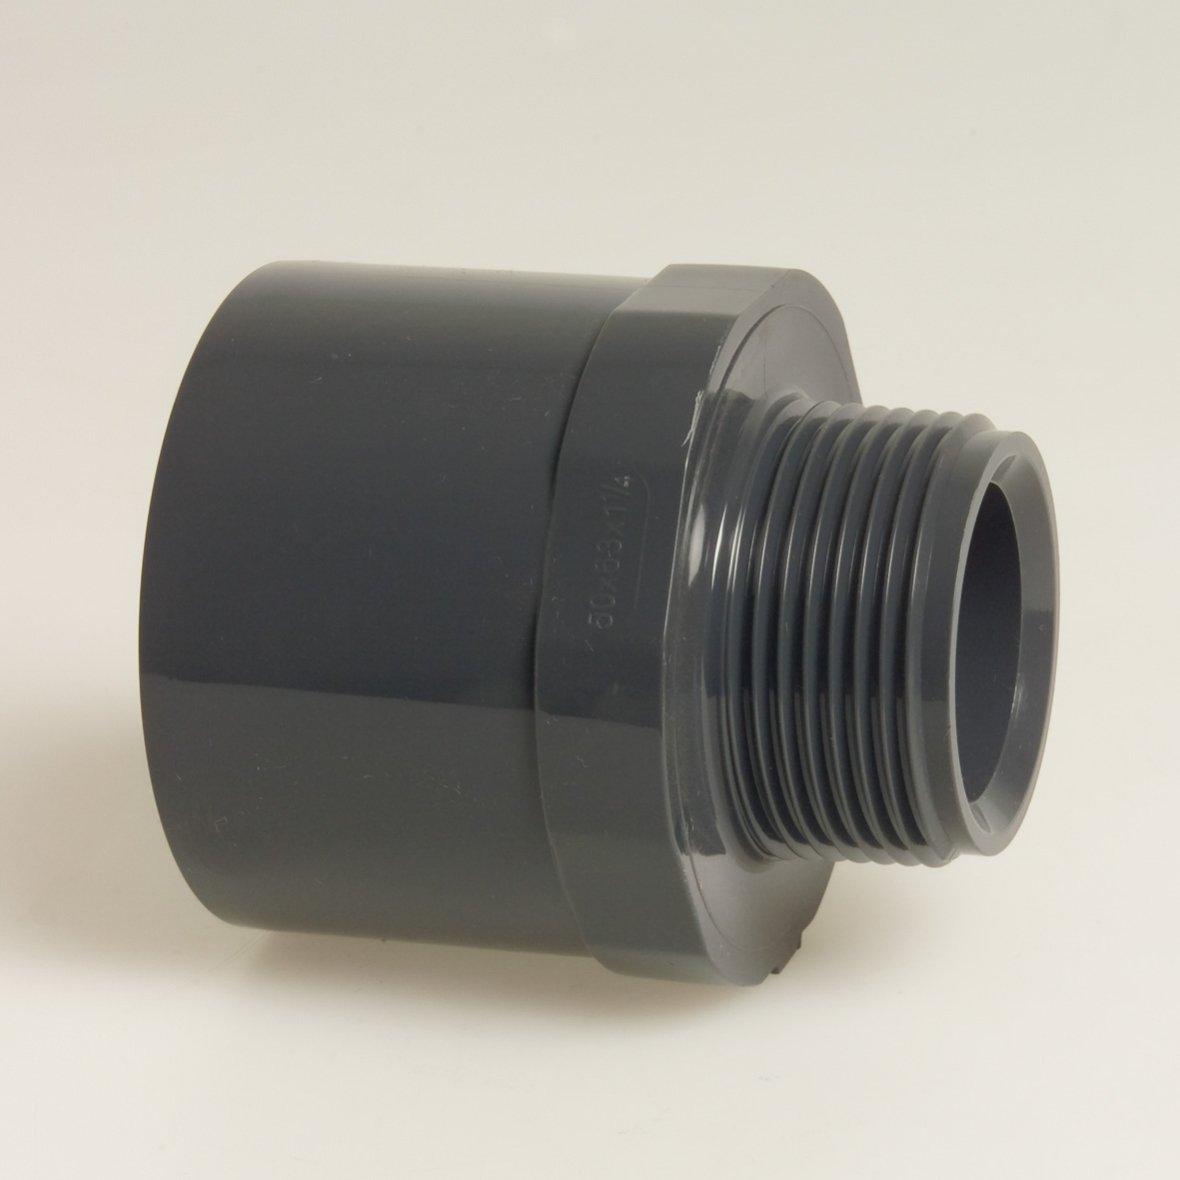 PVC adapter - ø 25 mm x 1/2